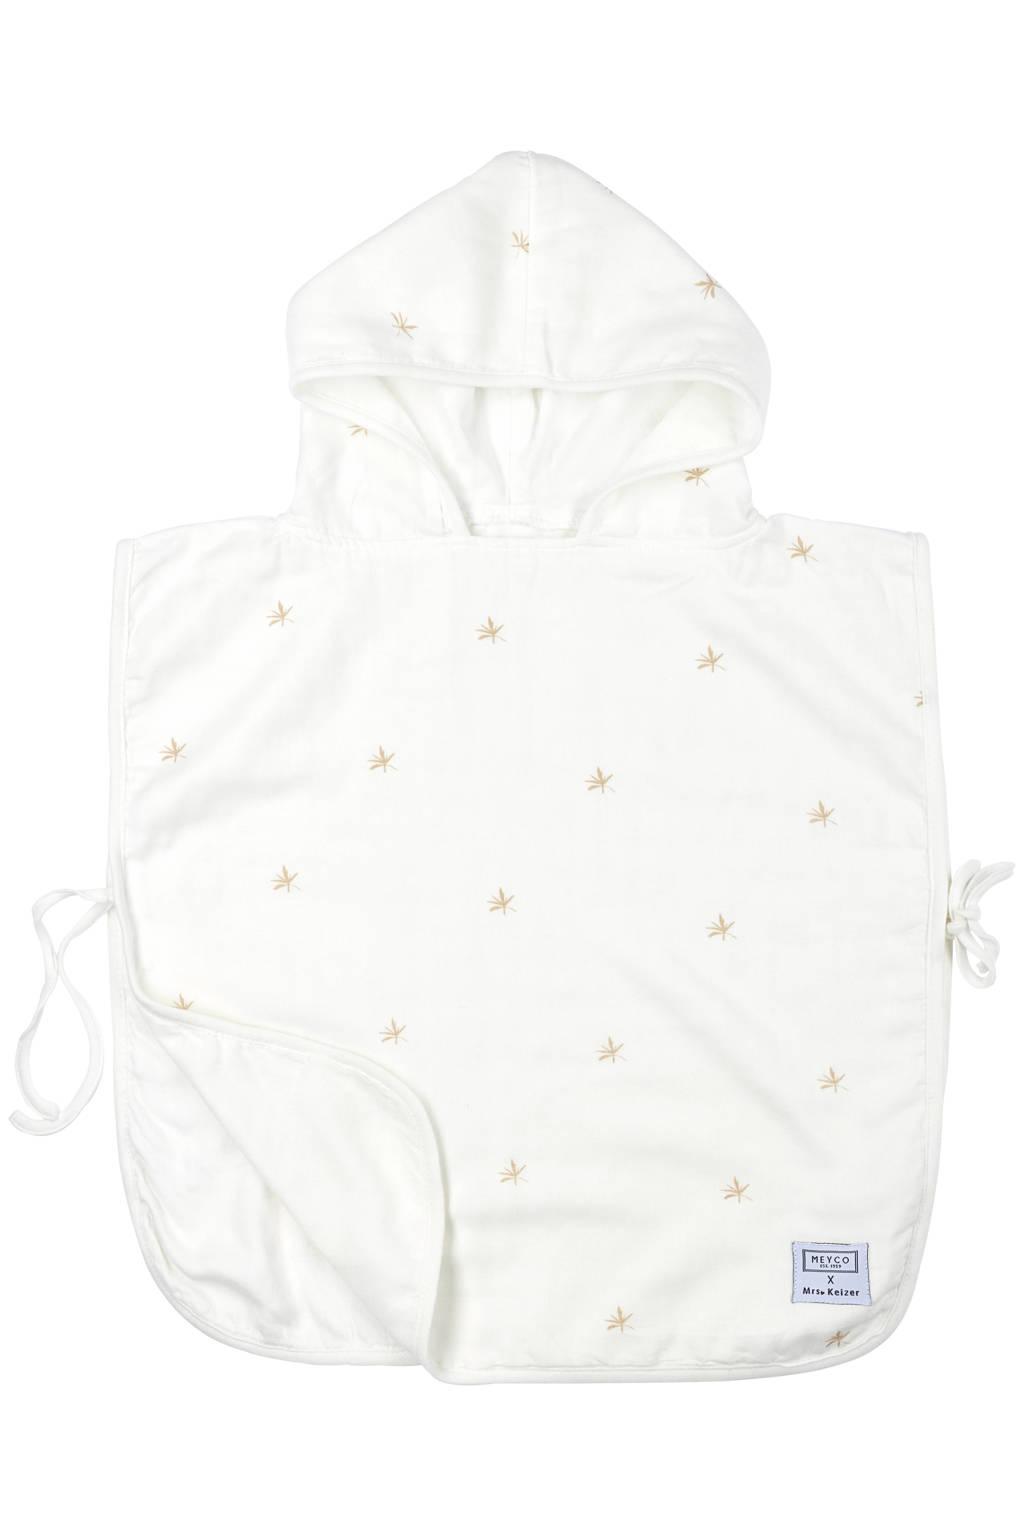 Meyco X Mrs. Keizer hydrofiele badponcho Ibiza wit/warm zand, Wit/warm zand